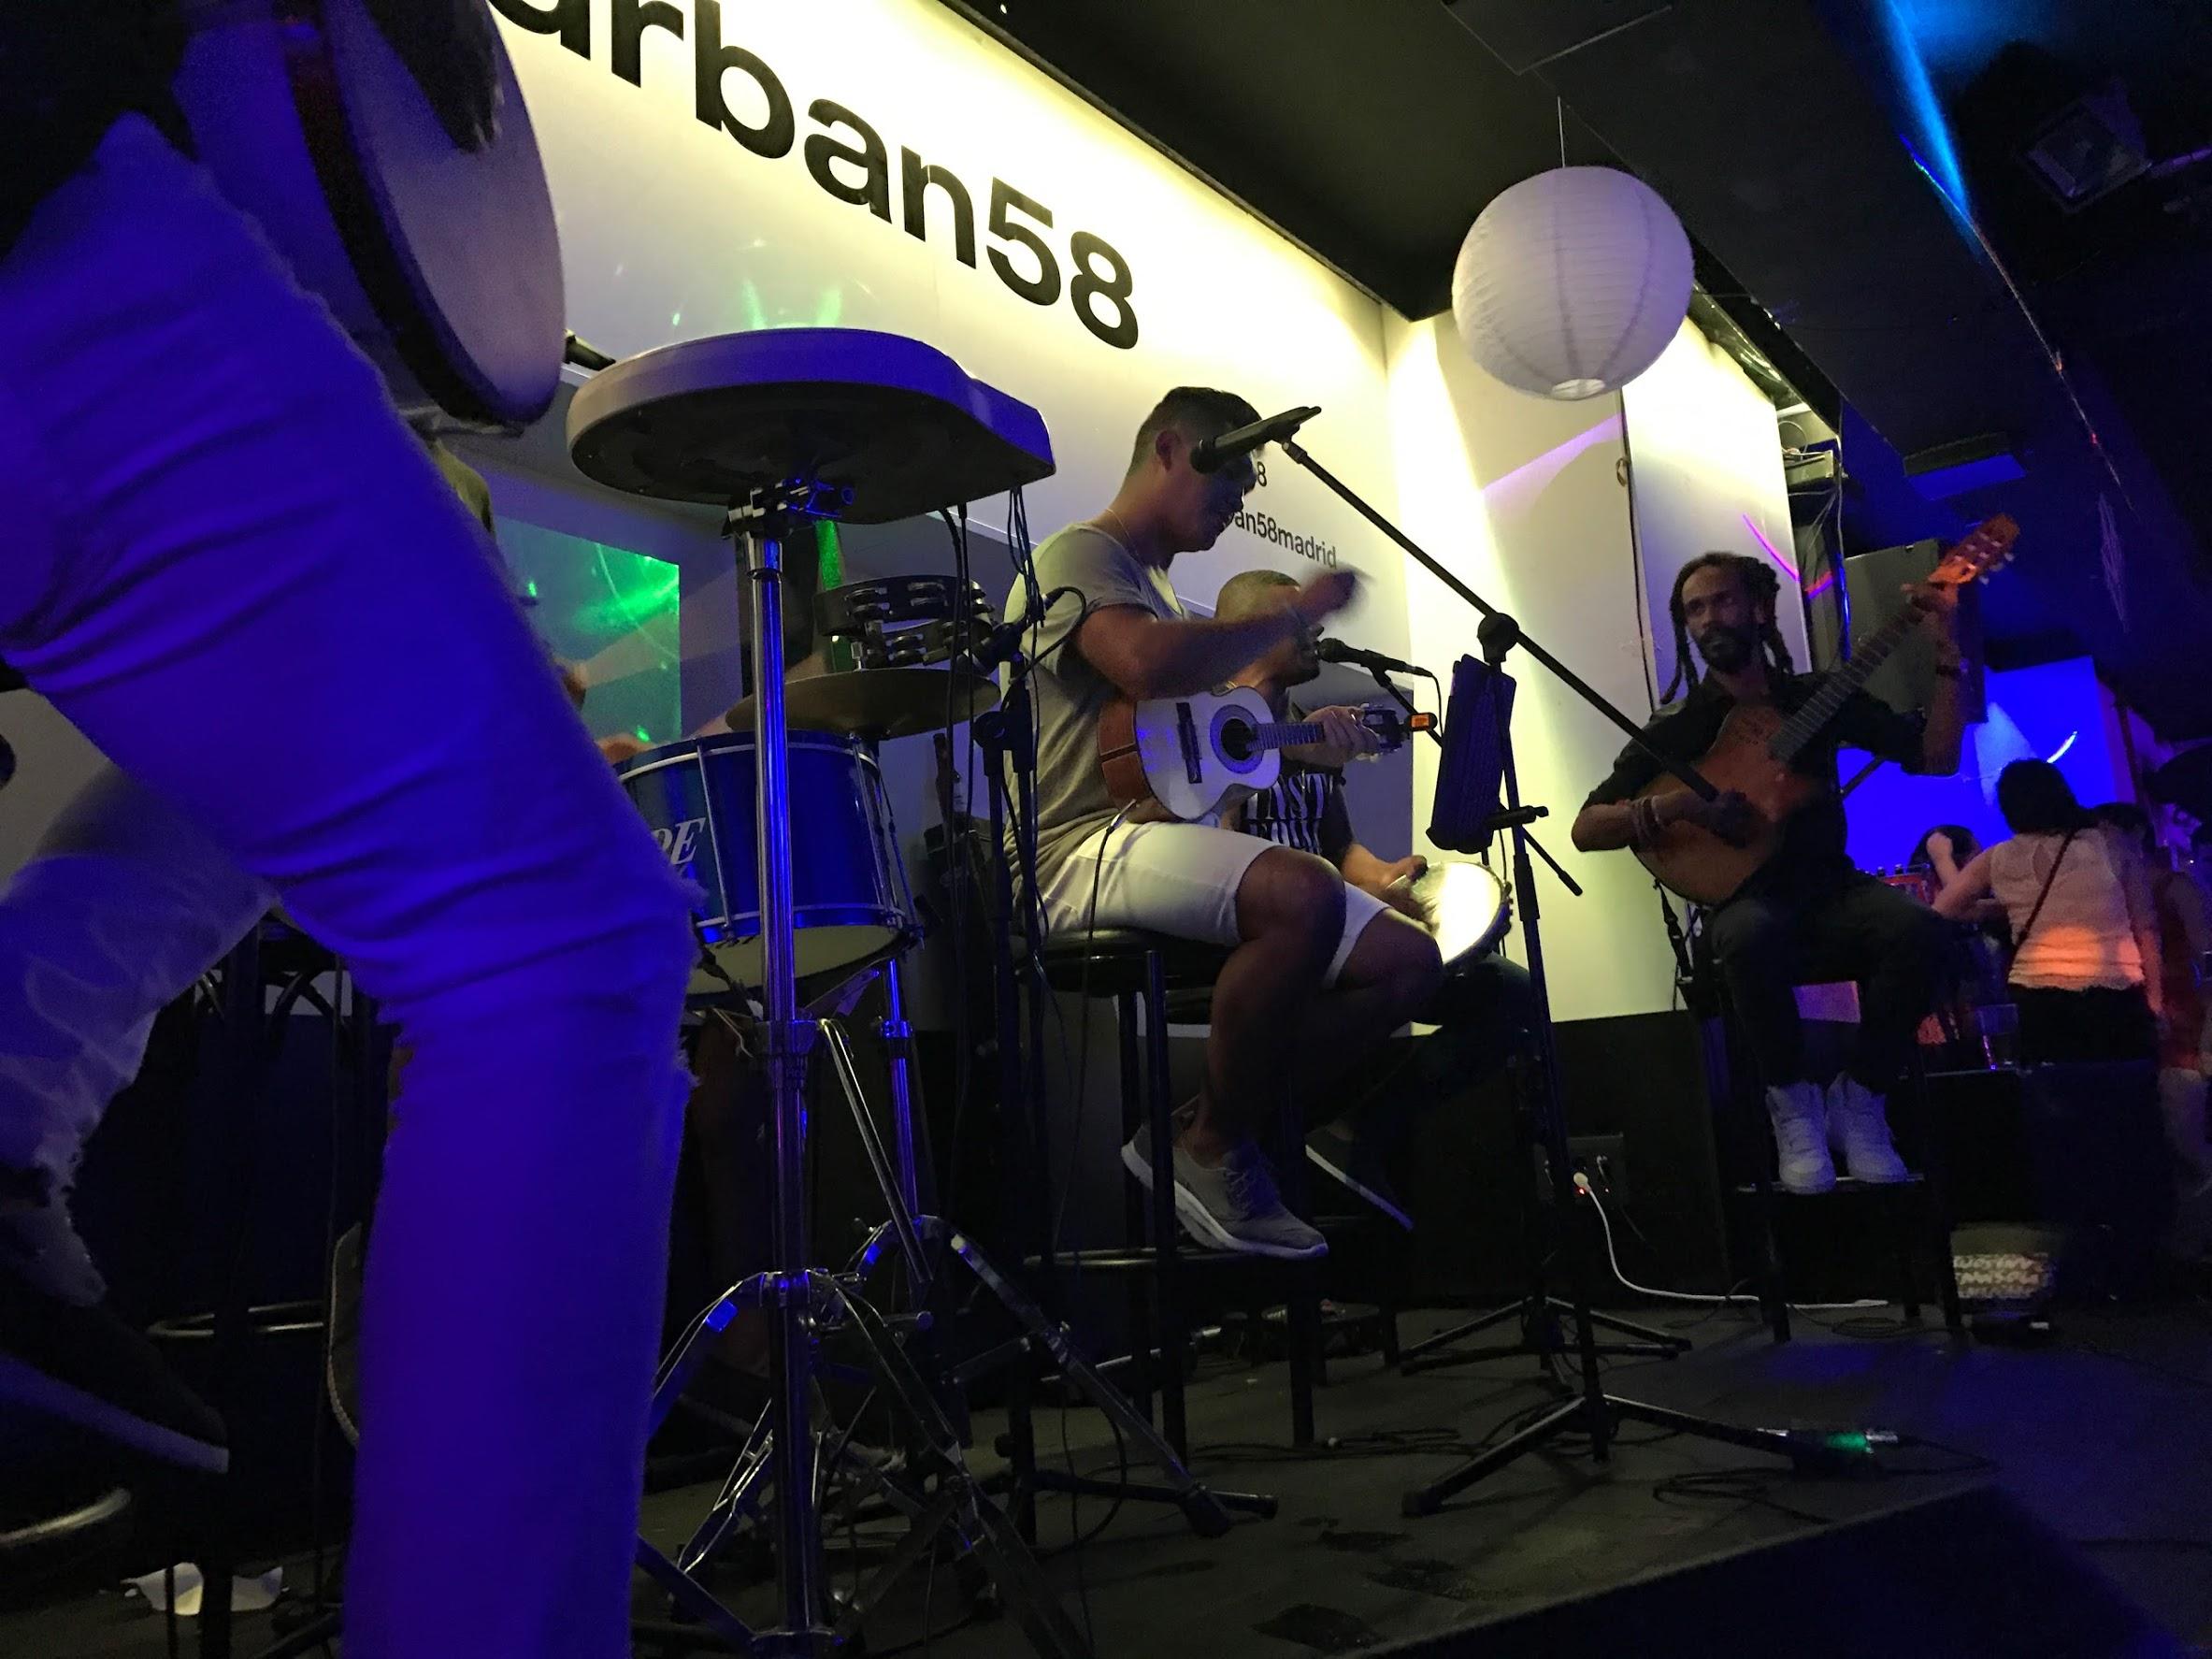 Presentación - Samba Madrid